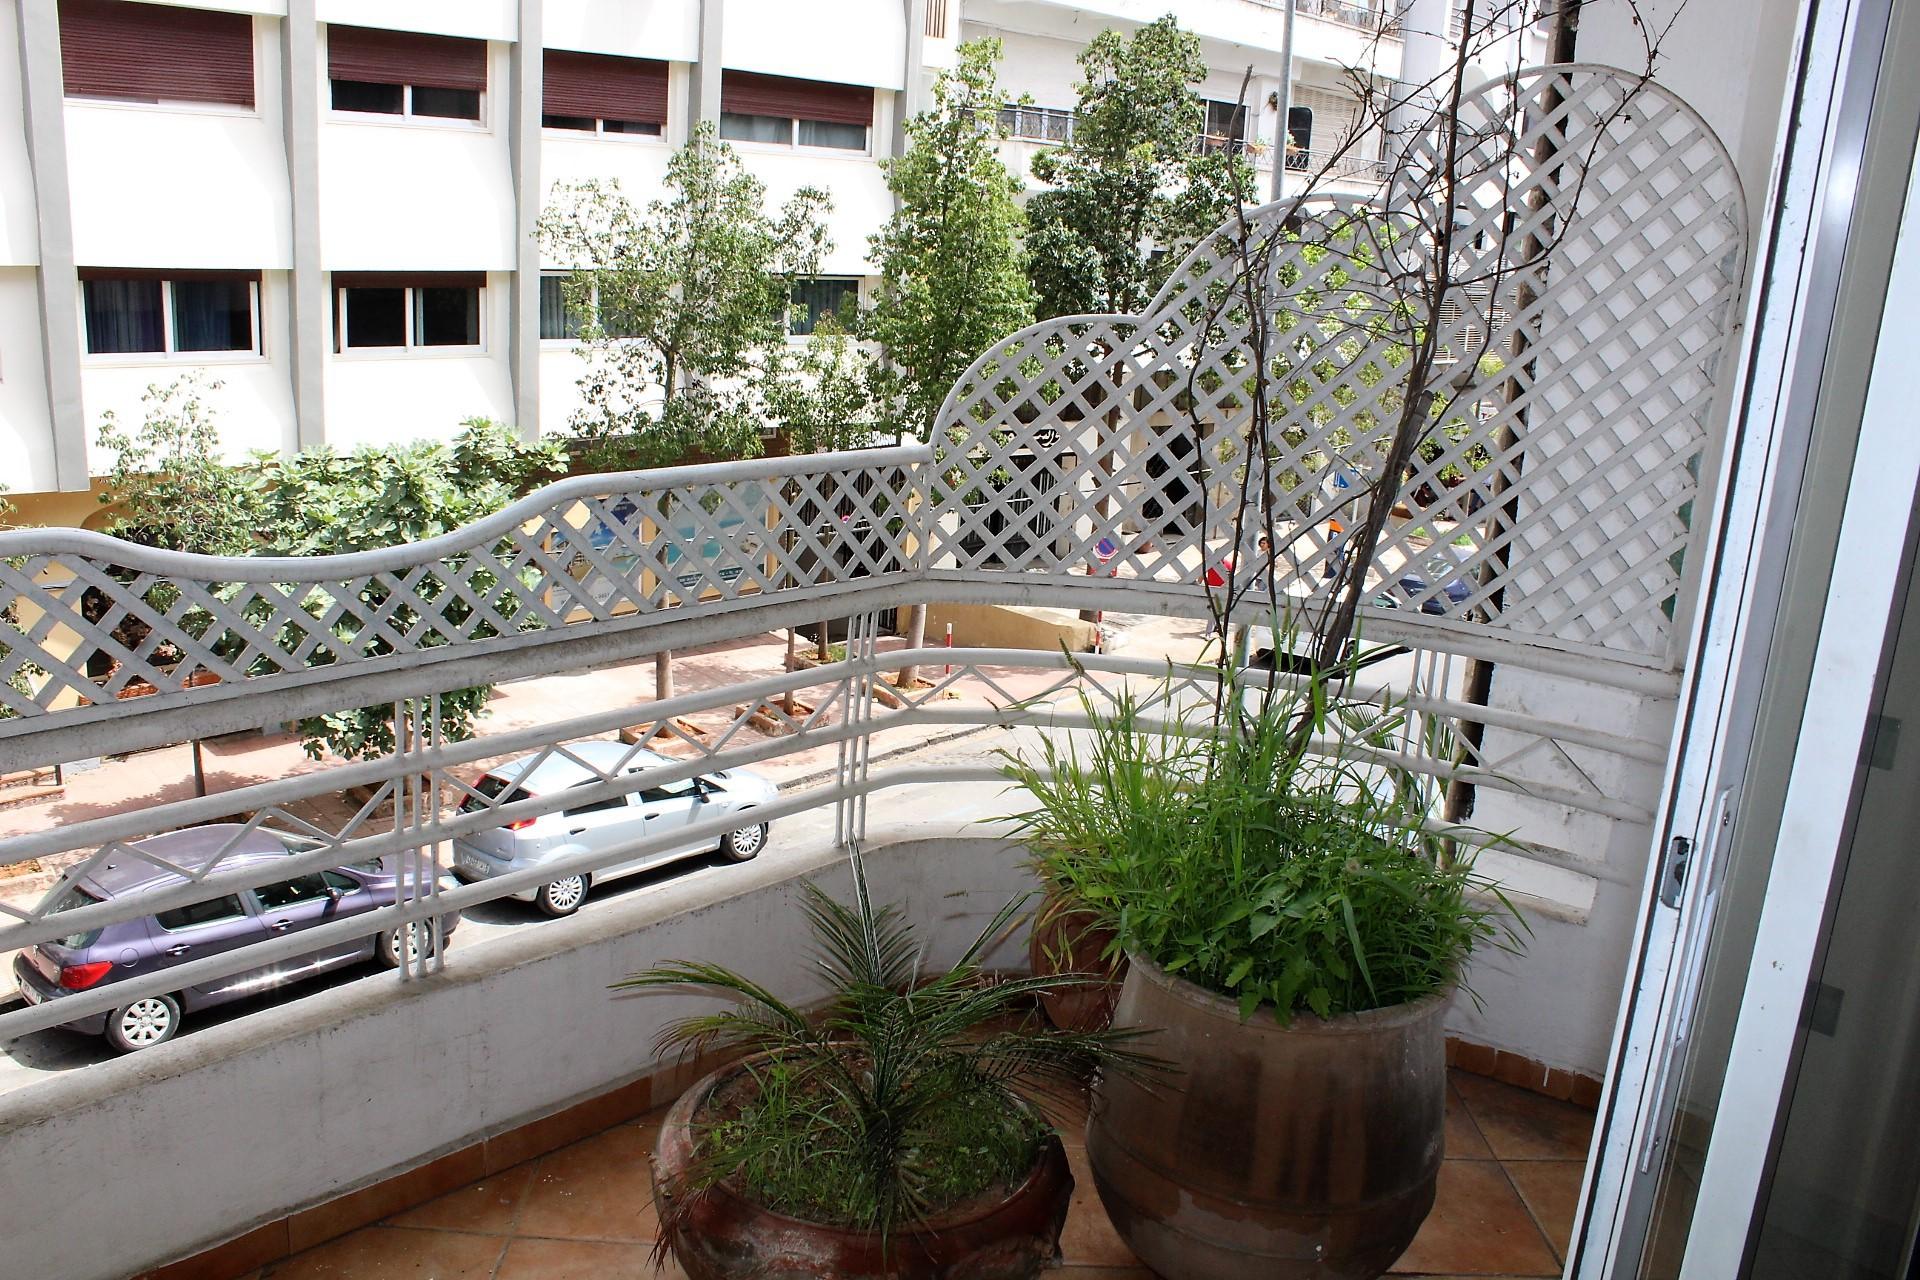 Maroc, Casablanca, Gauthier, Vends appartement de 170 m² avecterrasse ombragé de 30 M2